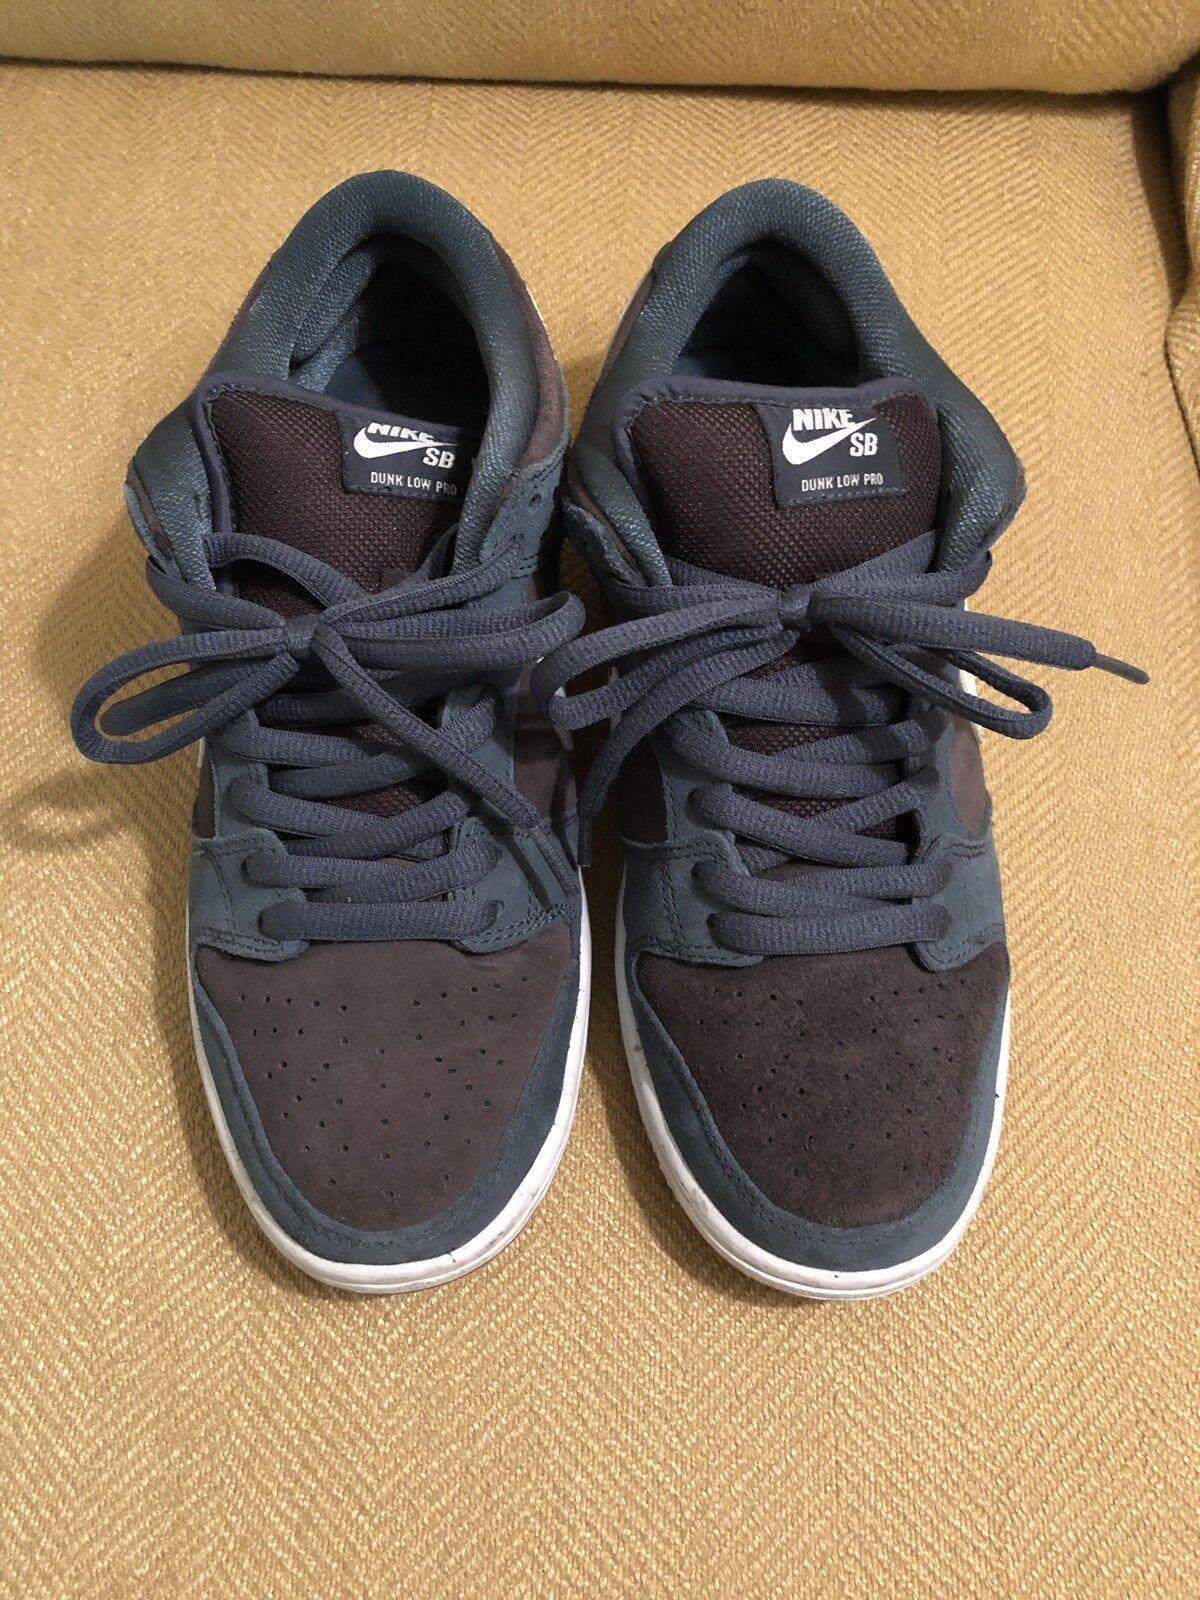 Nike sb dunk low slate bluee